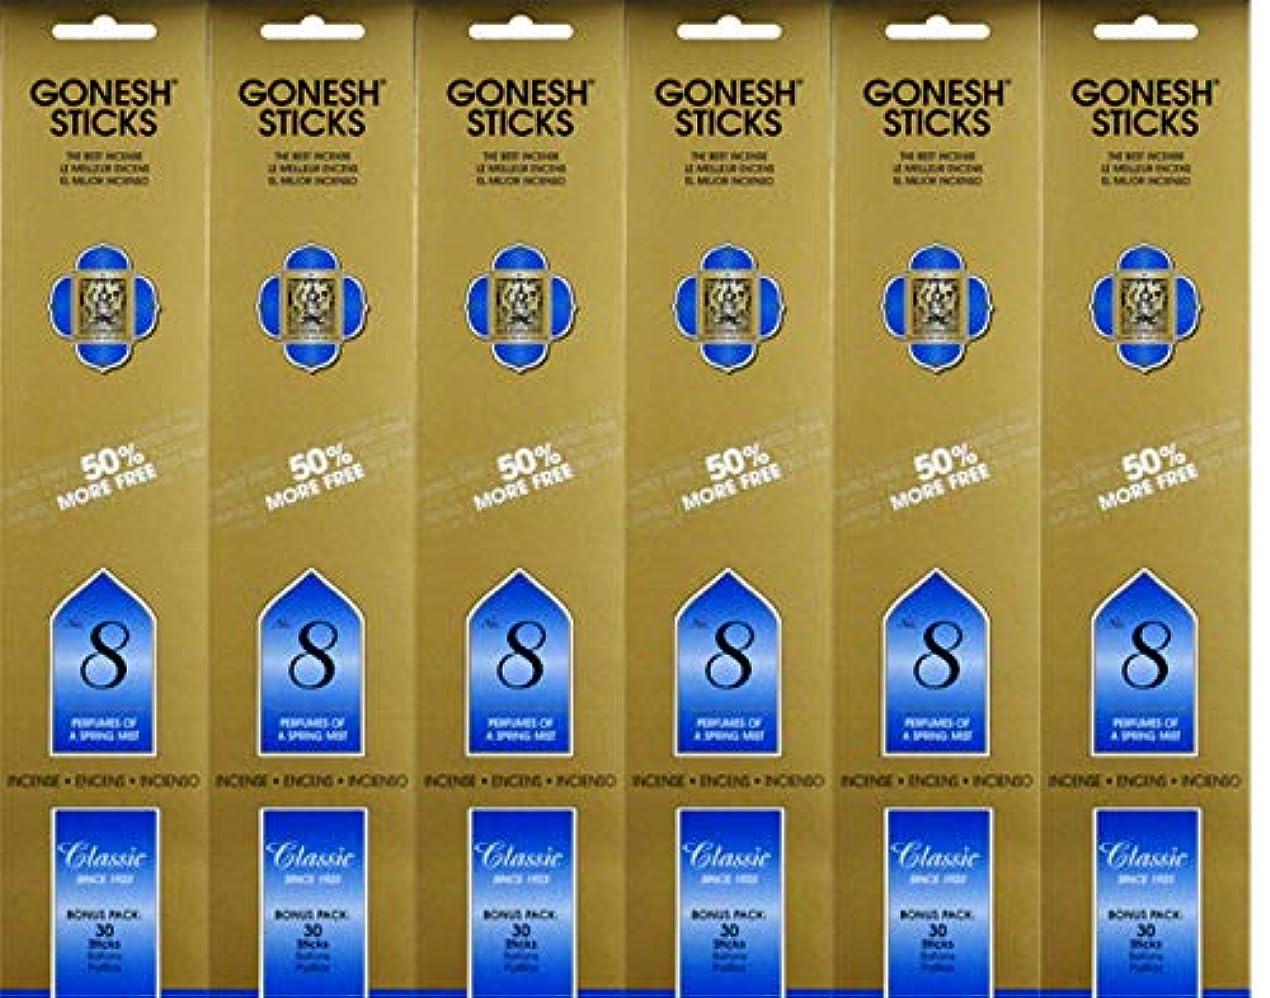 Gonesh #8 Bonus Pack 30 sticks ガーネッシュ#8 ボーナスパック30本入 6個組 180本